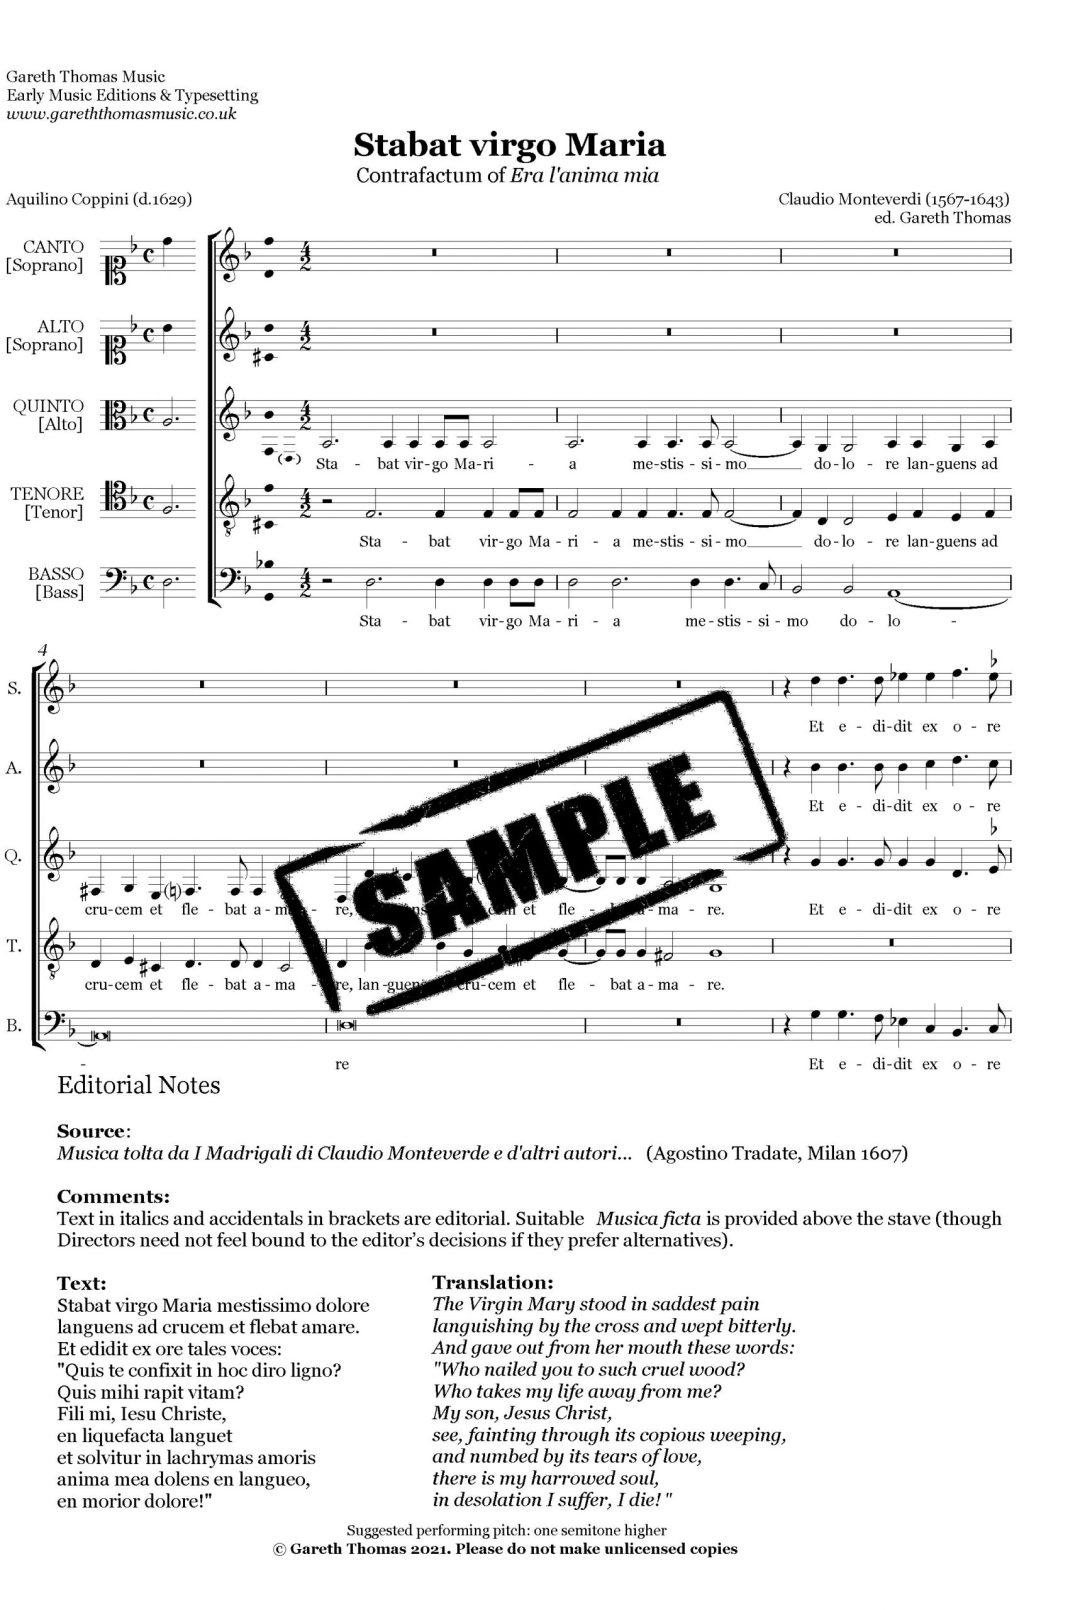 Claudio Monteverdi Stabat virgo image